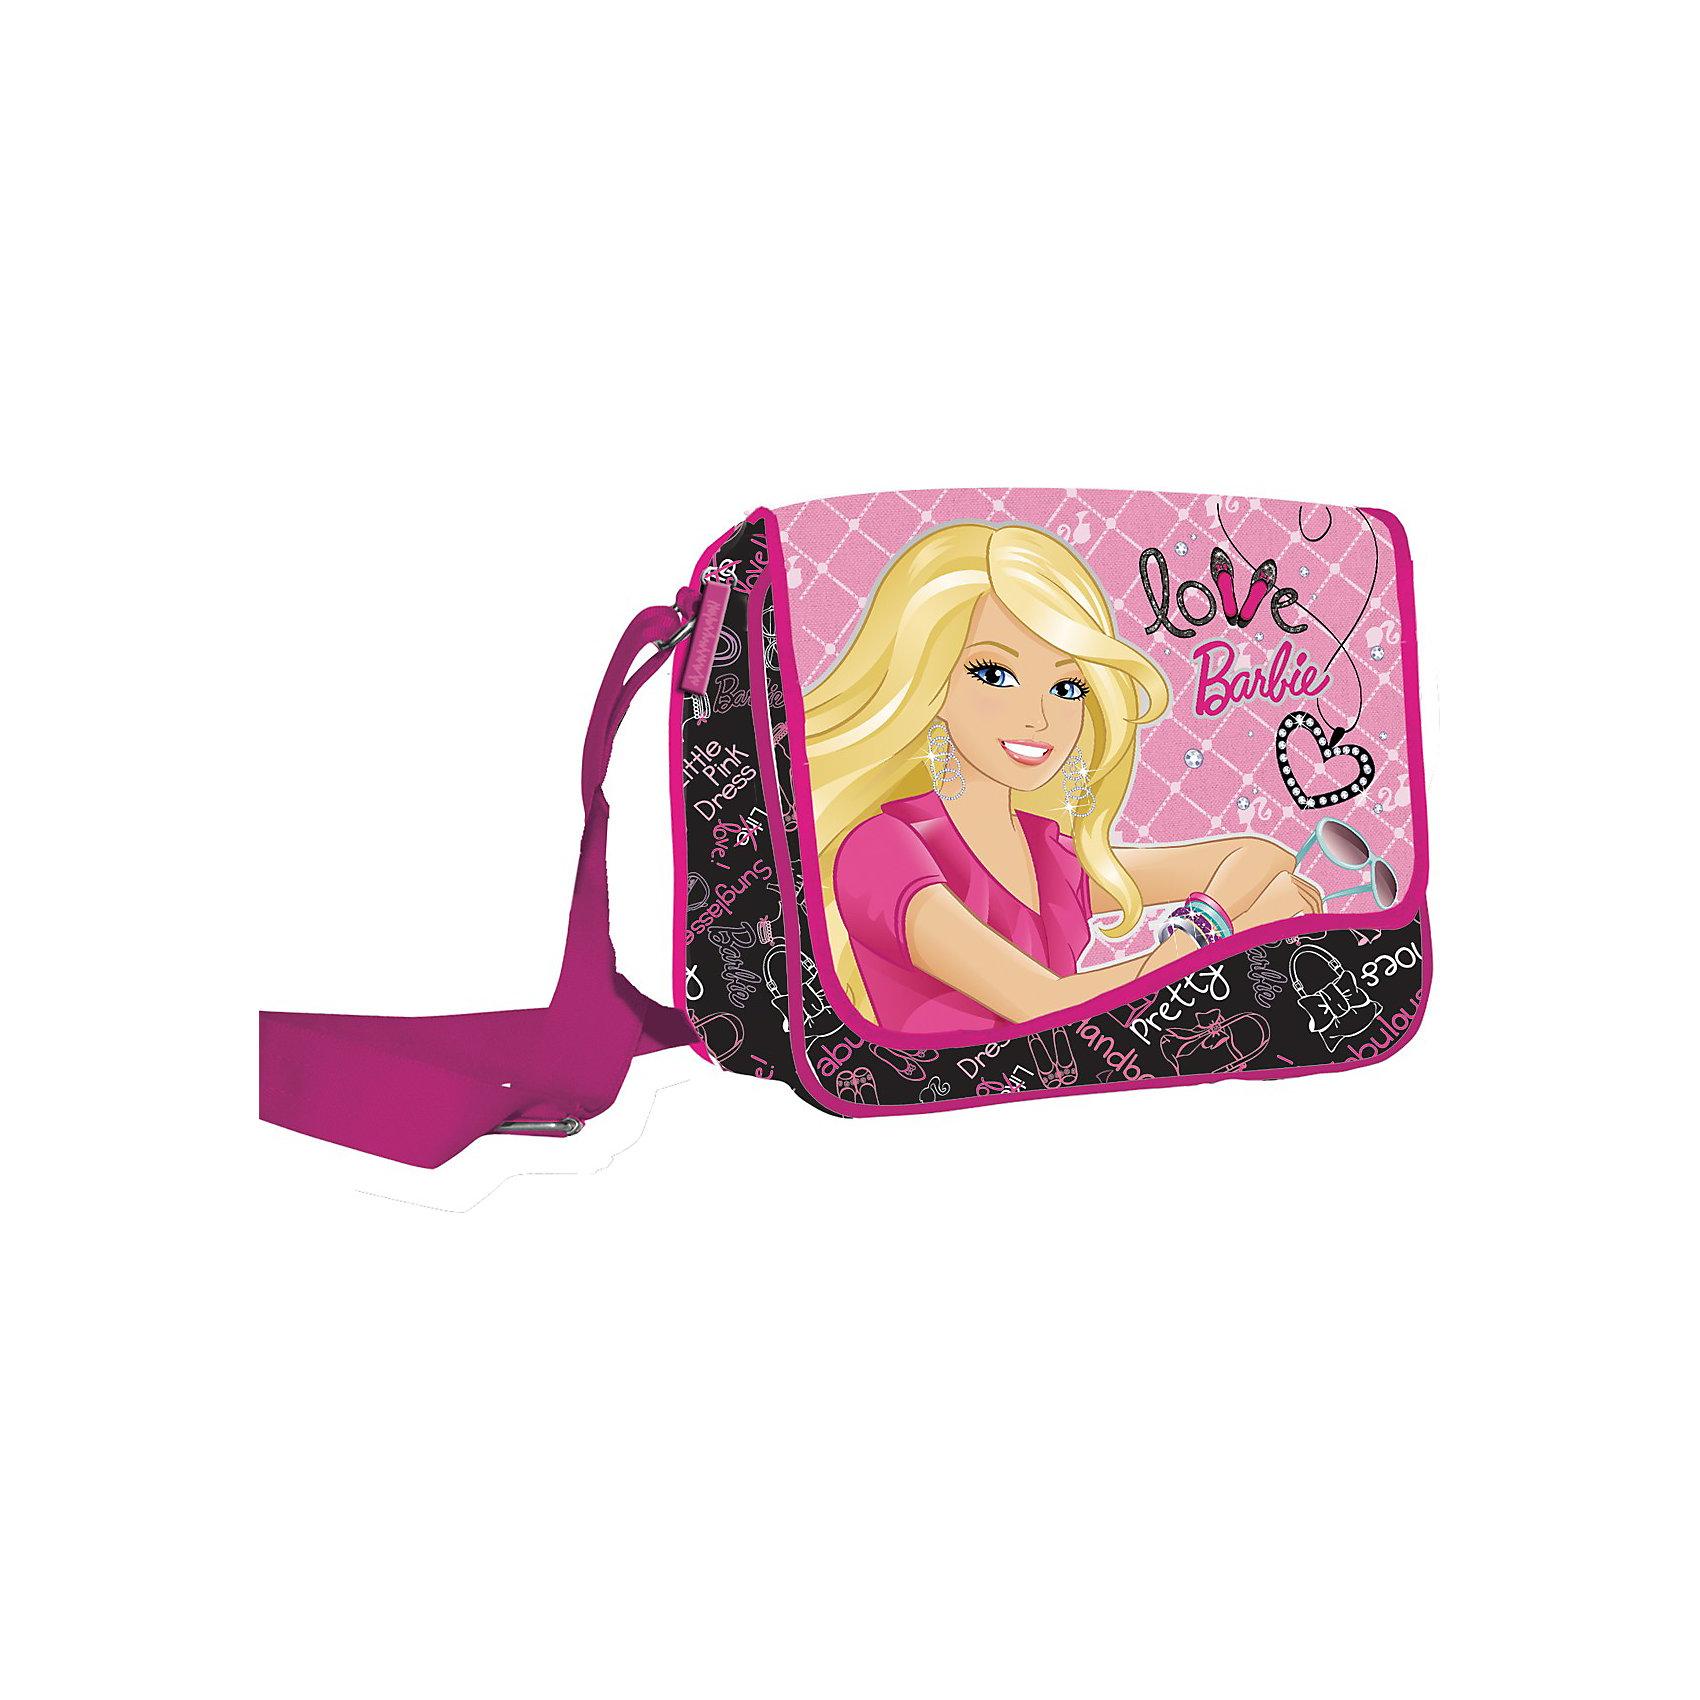 Barbie Сумочка. Размер 21 х 27 х 8 смДетские сумки<br>Любая девчонка мечтает о стильной штучке от Barbie. Стильная сумка с изображением Barbie обязательно понравится Вашей дочке.<br>Размер 21 х 27 х 8 см.<br>Ремень на плечо.<br><br>Ширина мм: 210<br>Глубина мм: 270<br>Высота мм: 80<br>Вес г: 350<br>Возраст от месяцев: 84<br>Возраст до месяцев: 144<br>Пол: Женский<br>Возраст: Детский<br>SKU: 3178601